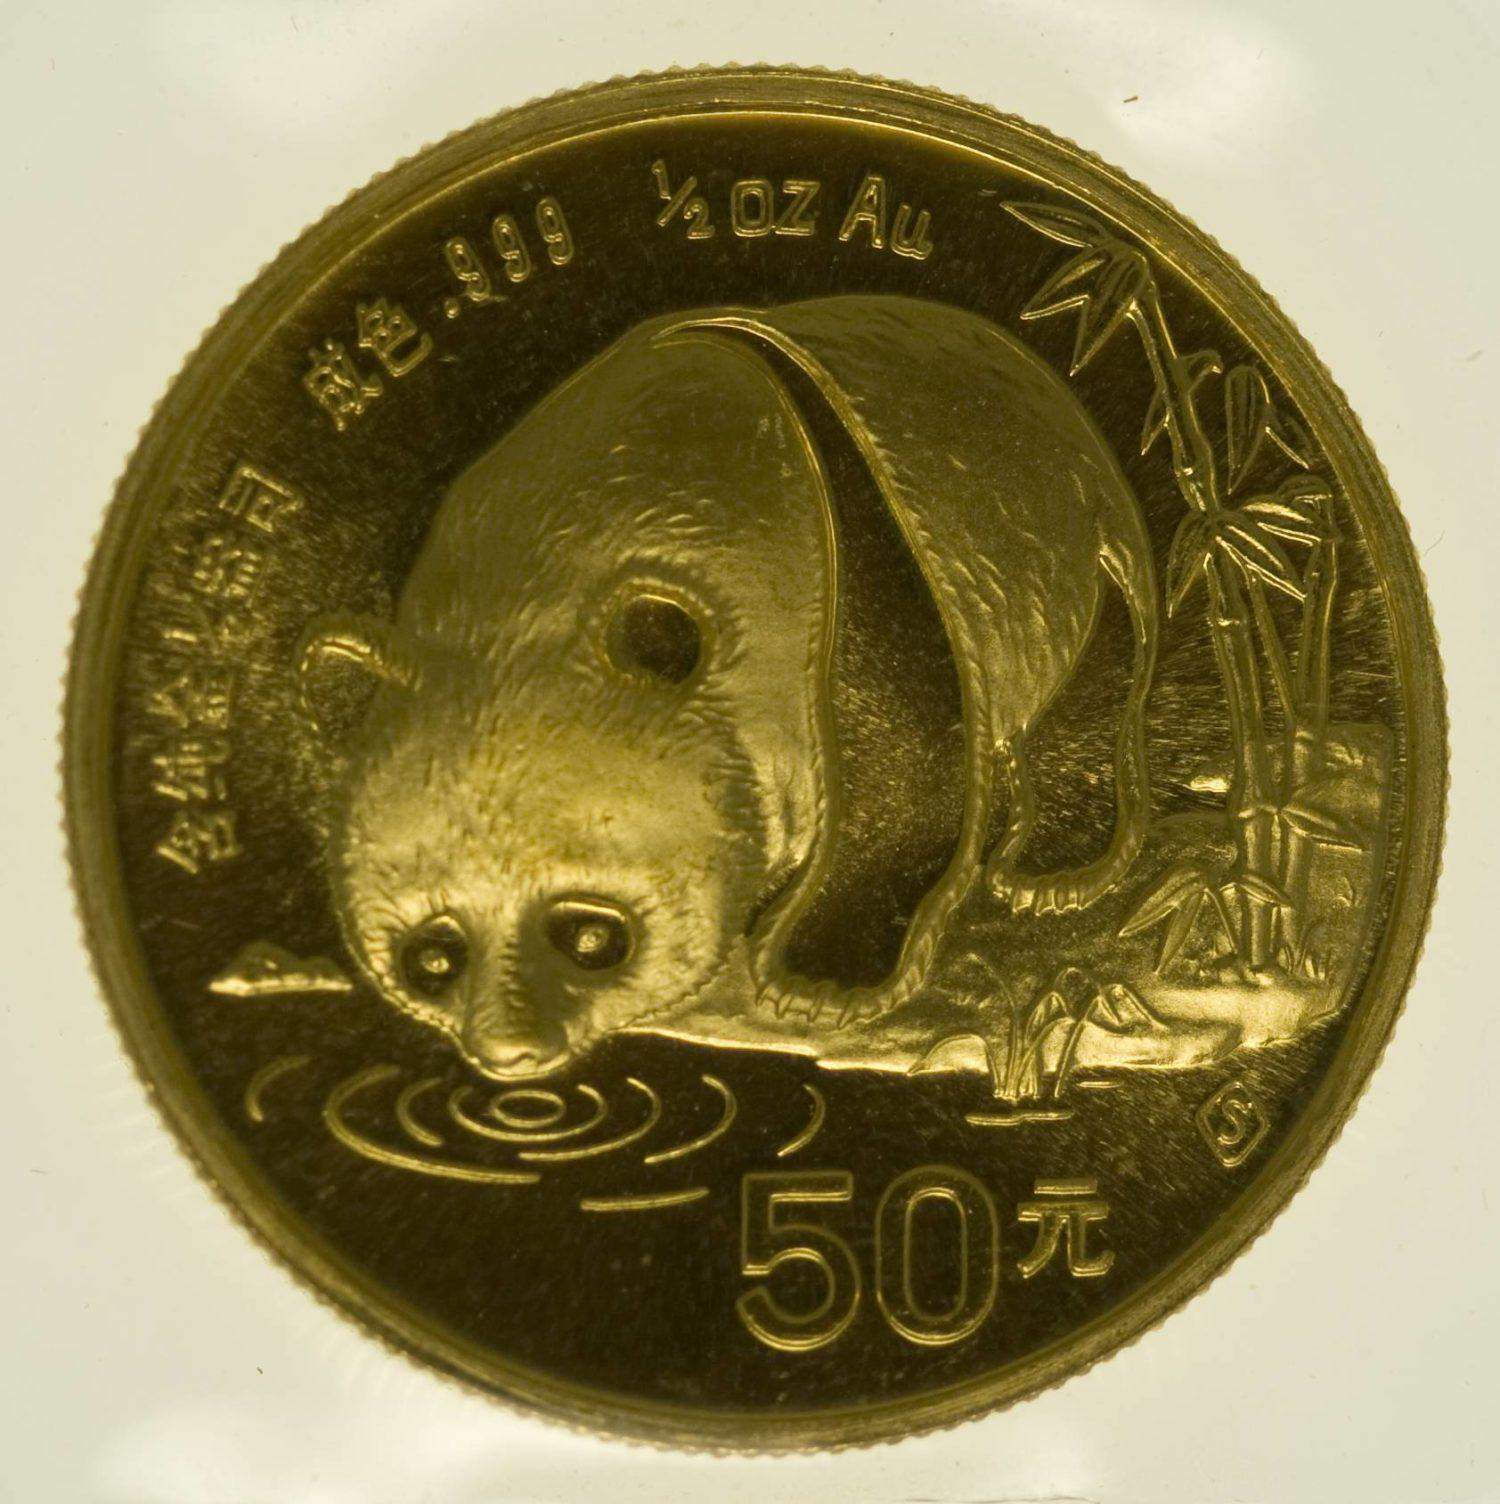 1/2 Unze Goldmünze China Panda 1987 50 Yuan 15,55 Gramm fein Gold RAR